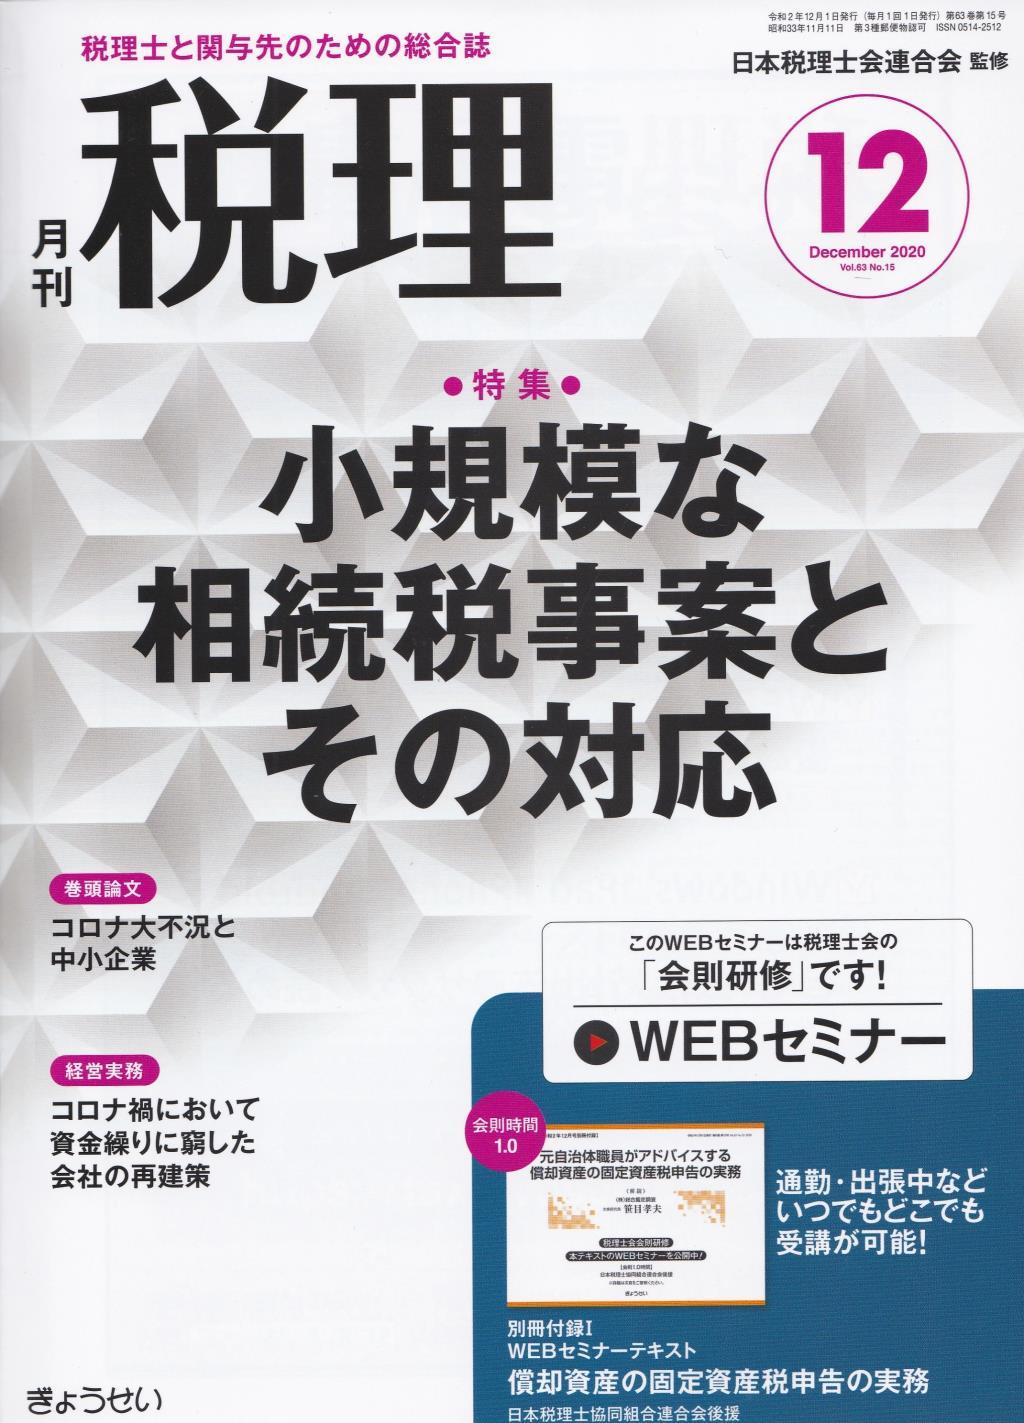 月刊 税理 2020年12月号(第63巻第15号)